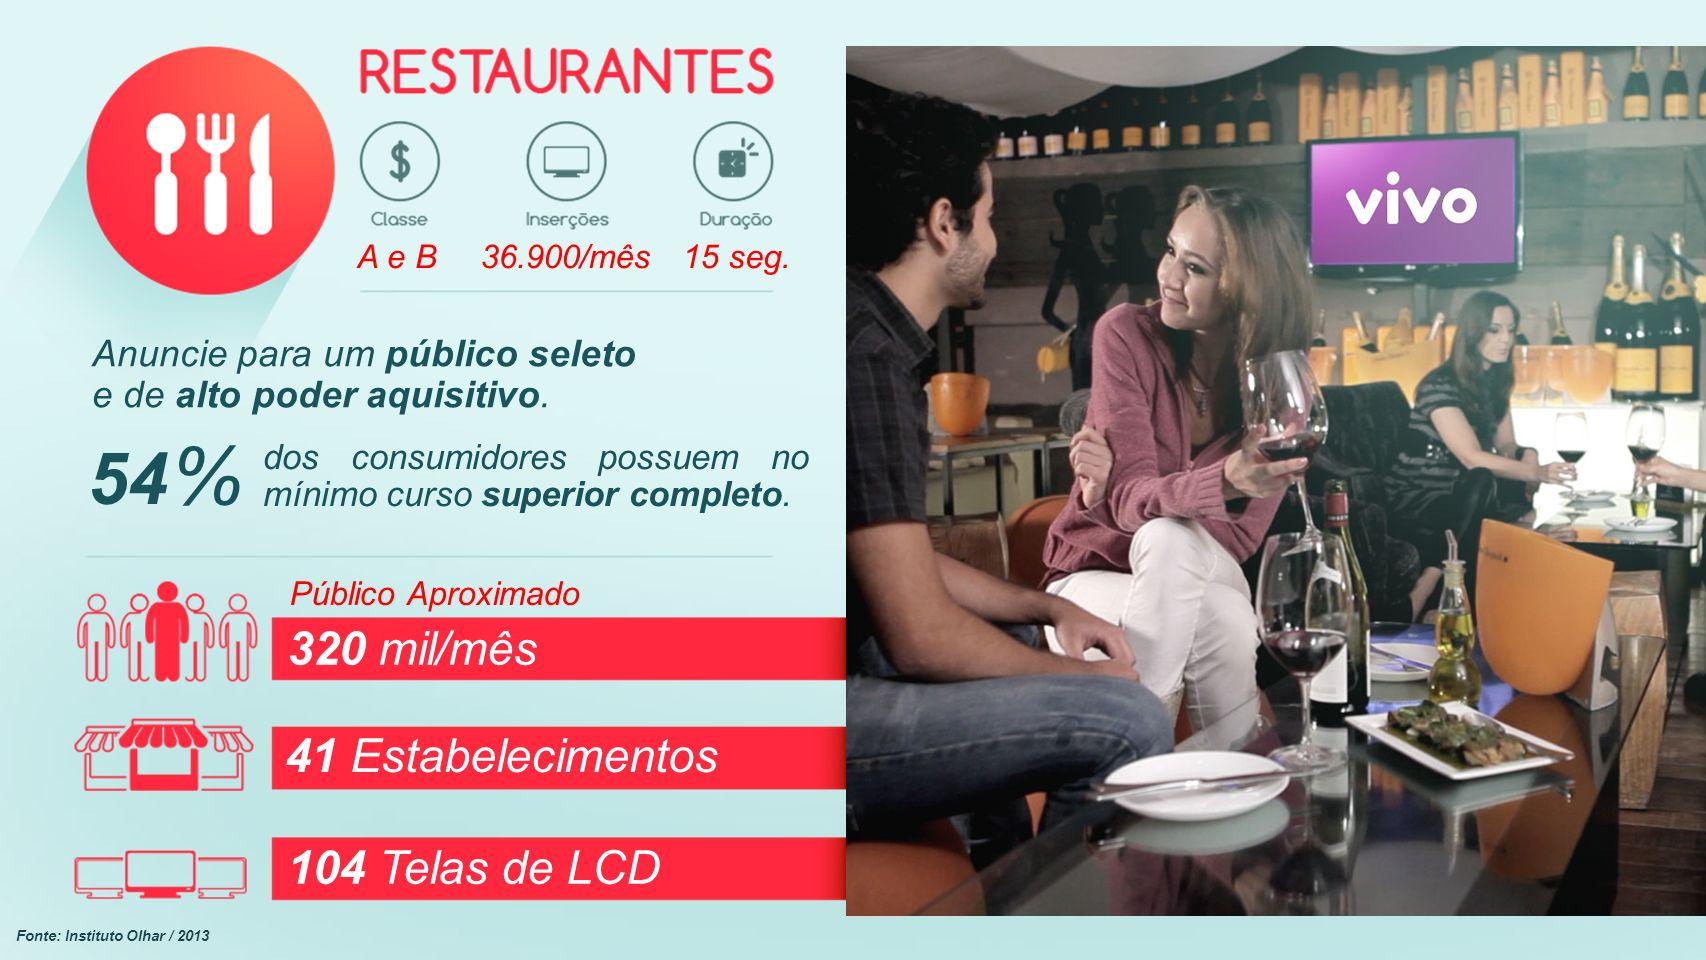 Público Aproximado 320 mil/mês 41 Estabelecimentos 104 Telas de LCD Anuncie para um público seleto e de alto poder aquisitivo. 54 % dos consumidores p